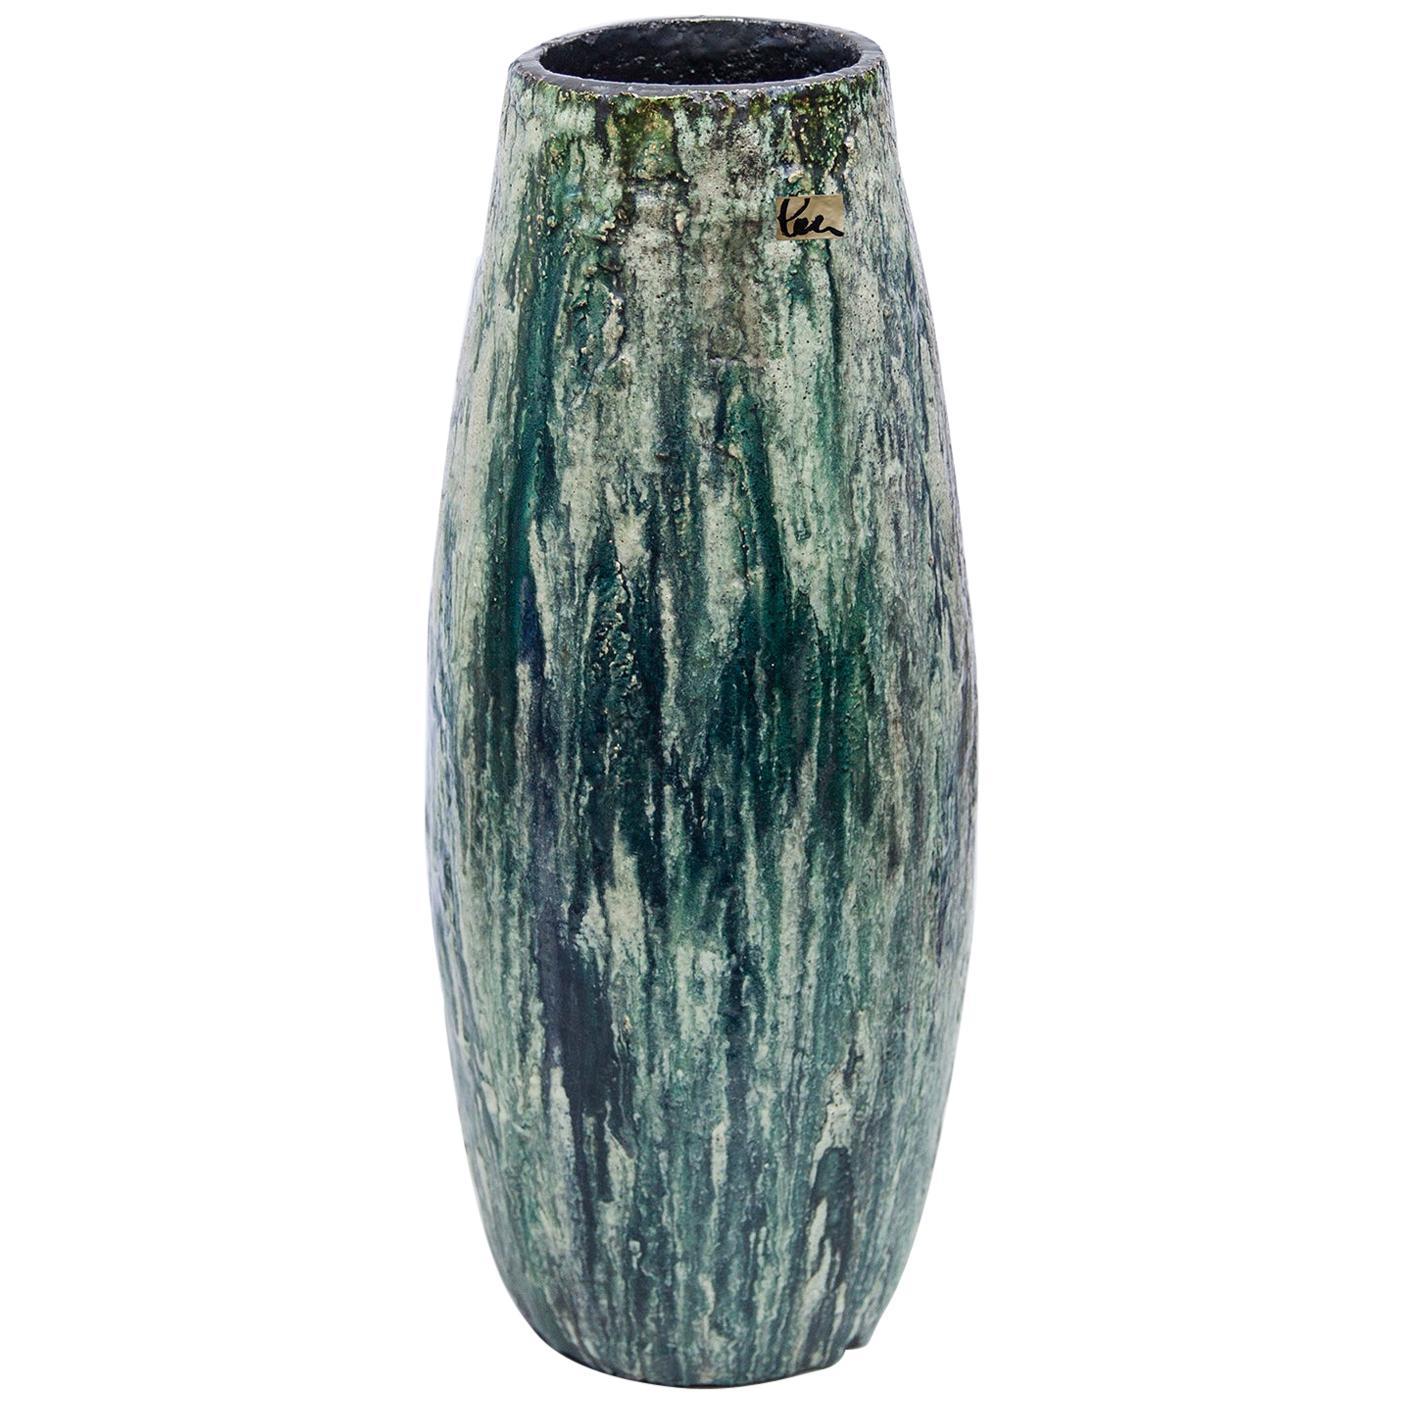 Schäffenacker Floor Vase Green White, 1960s